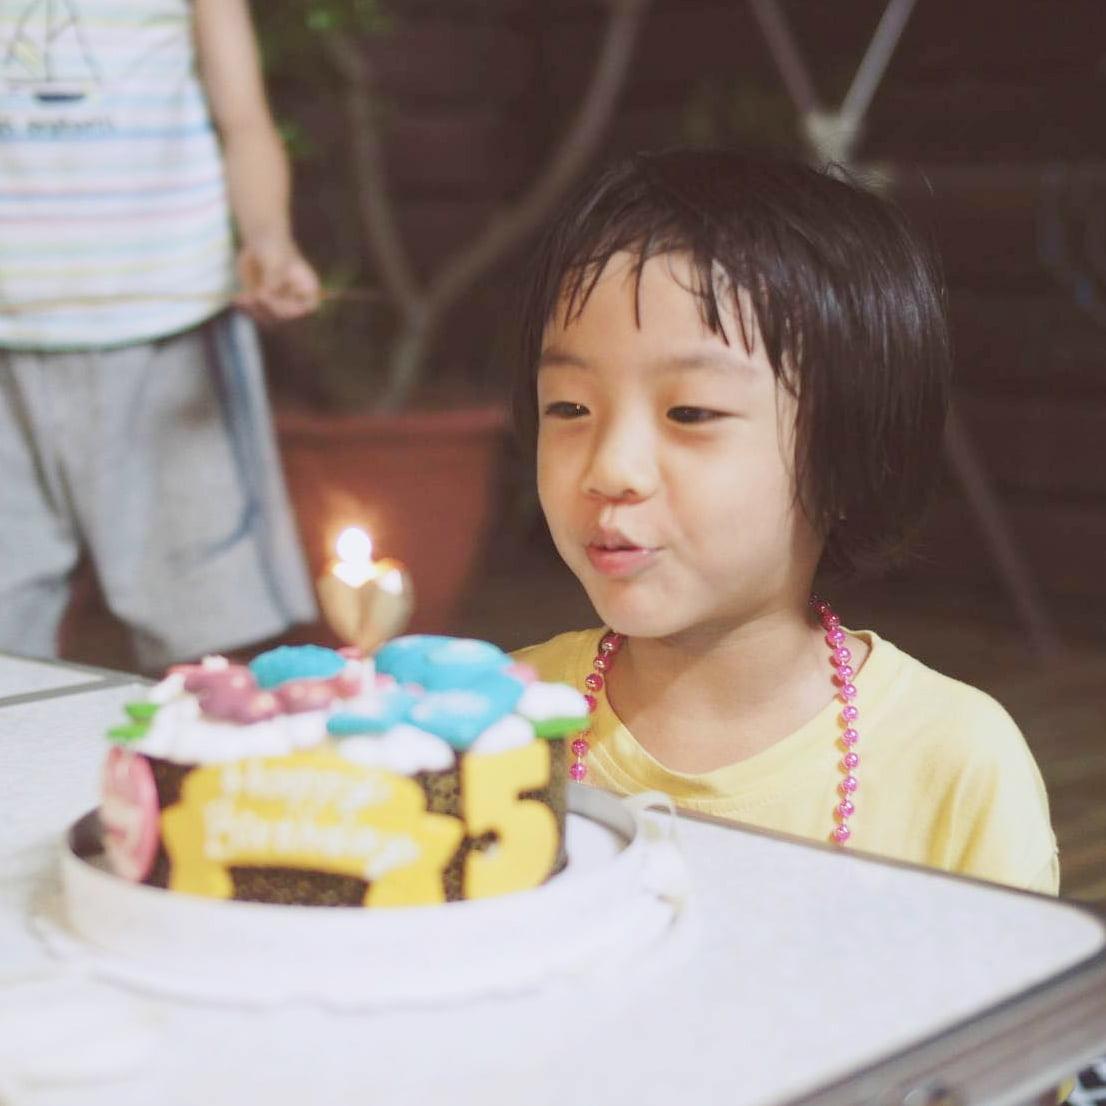 客戶好評-客製化化妝品造型生日蛋糕|米爾利甜點創作 Meler Patisserie